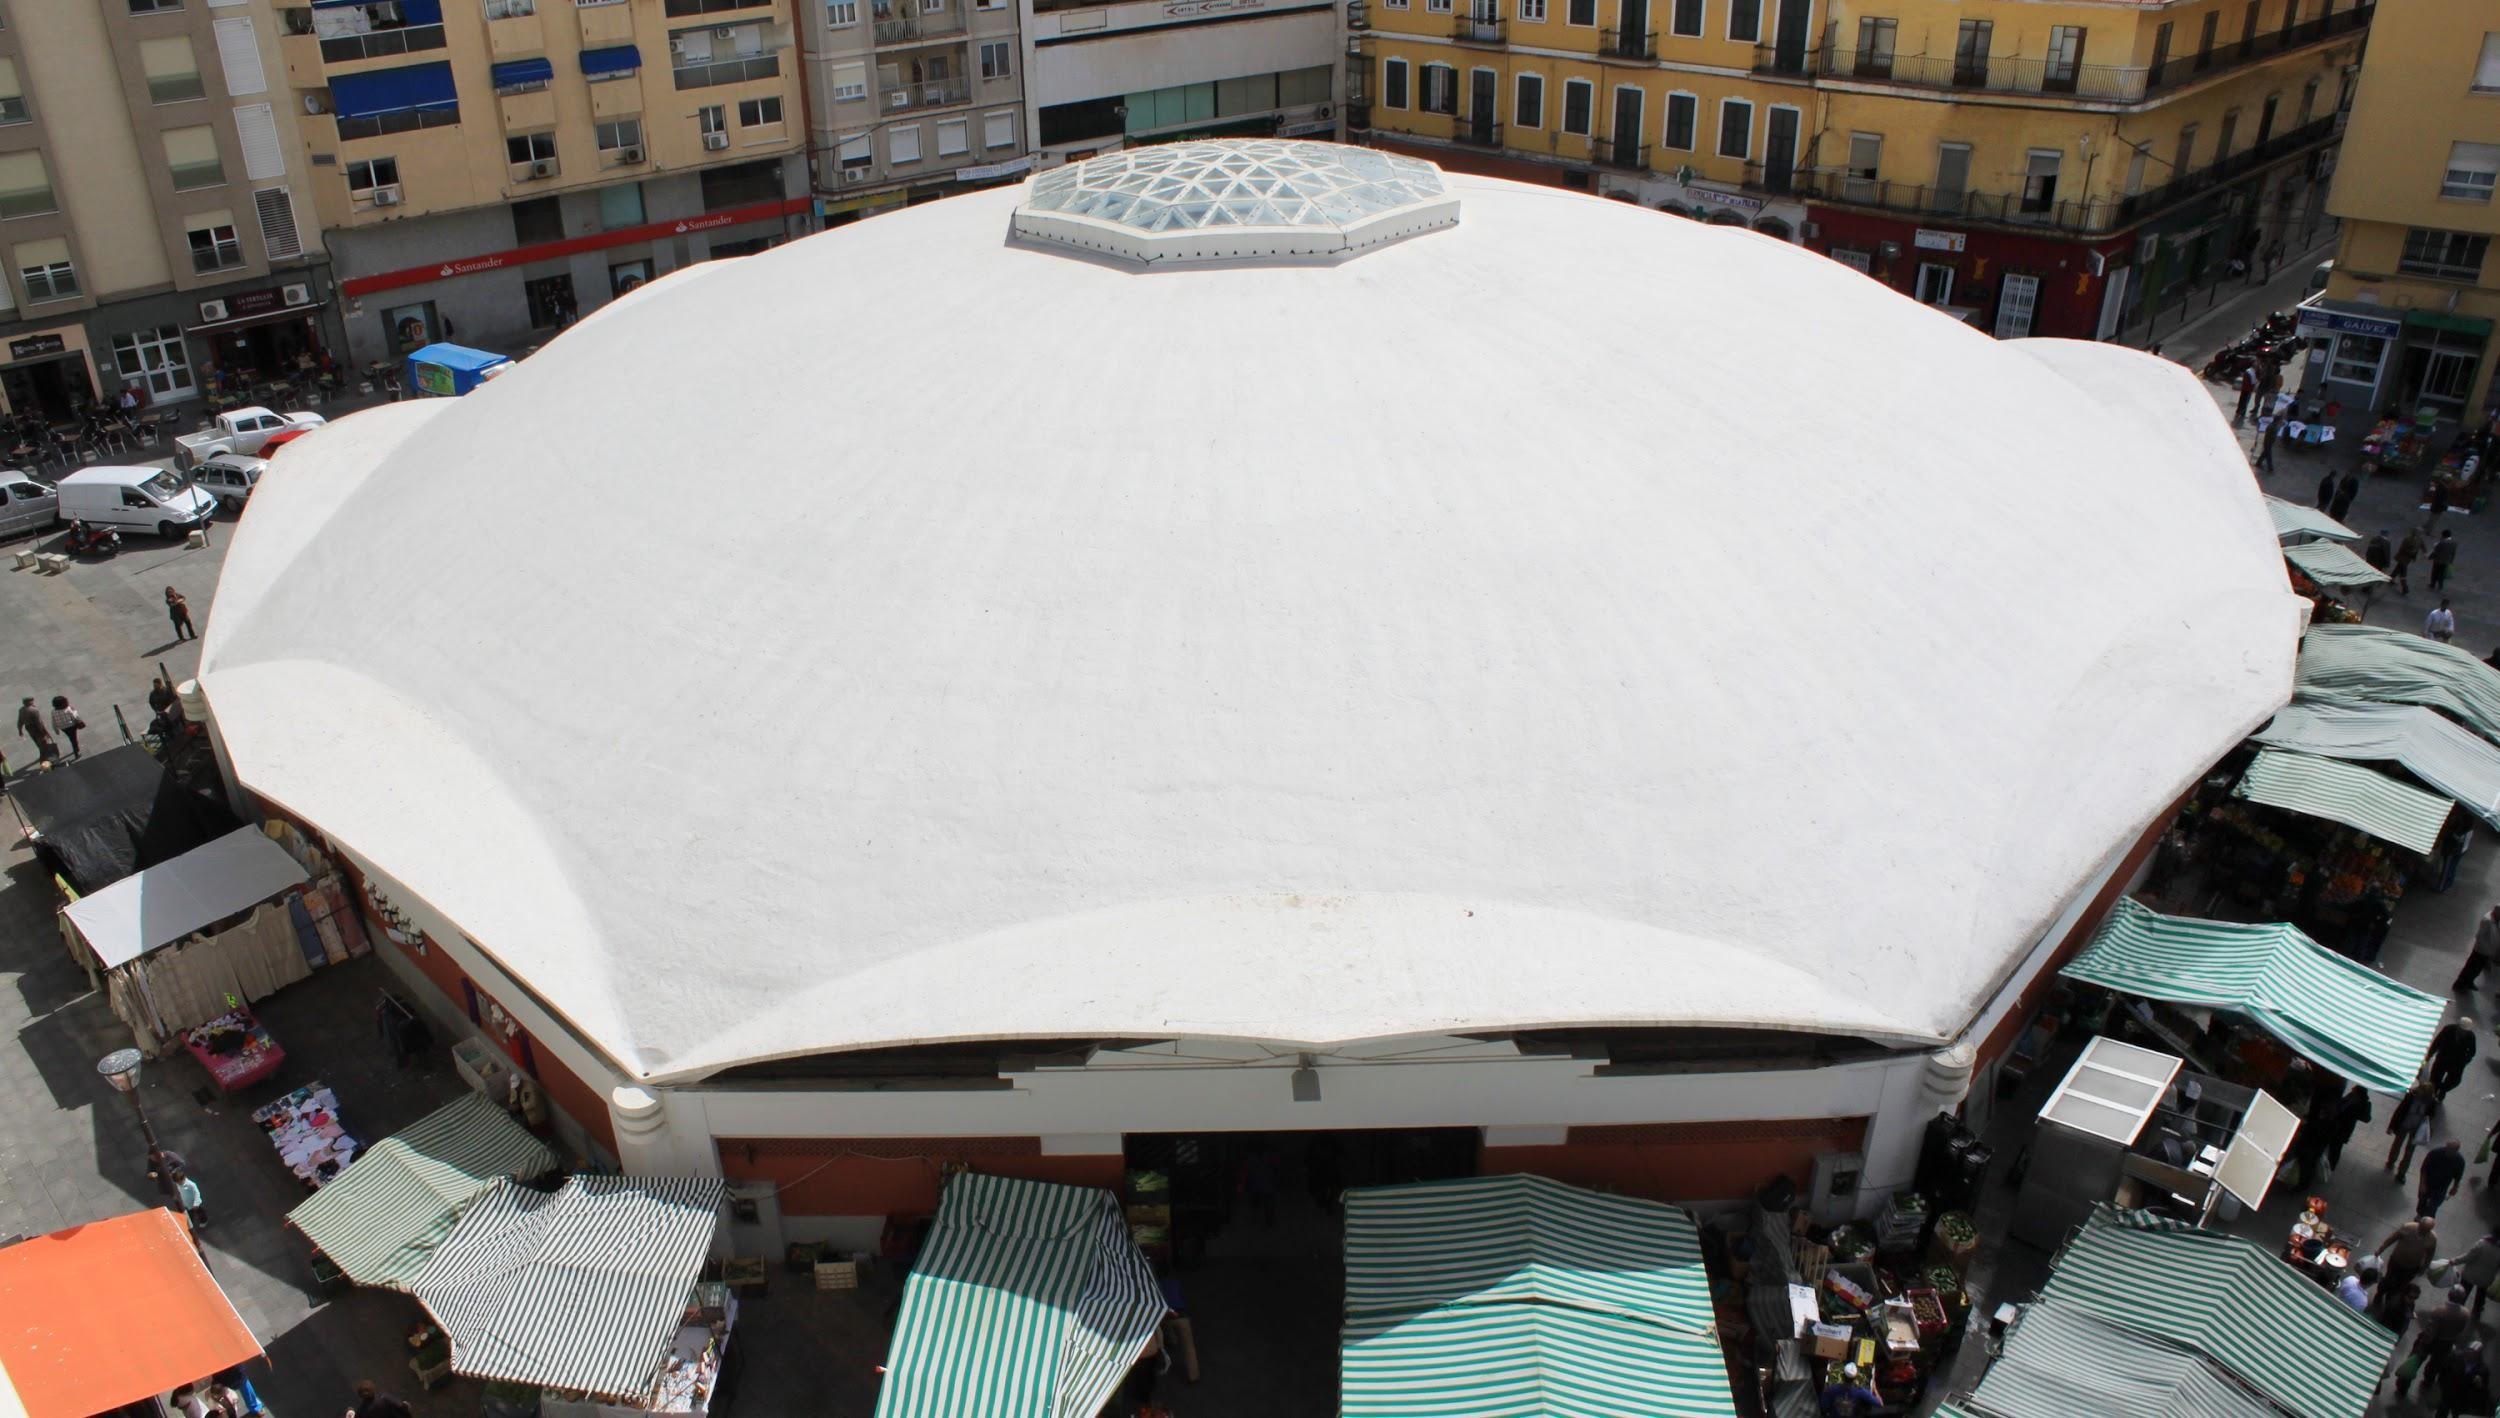 Tiene casi 50 metros de diámetro